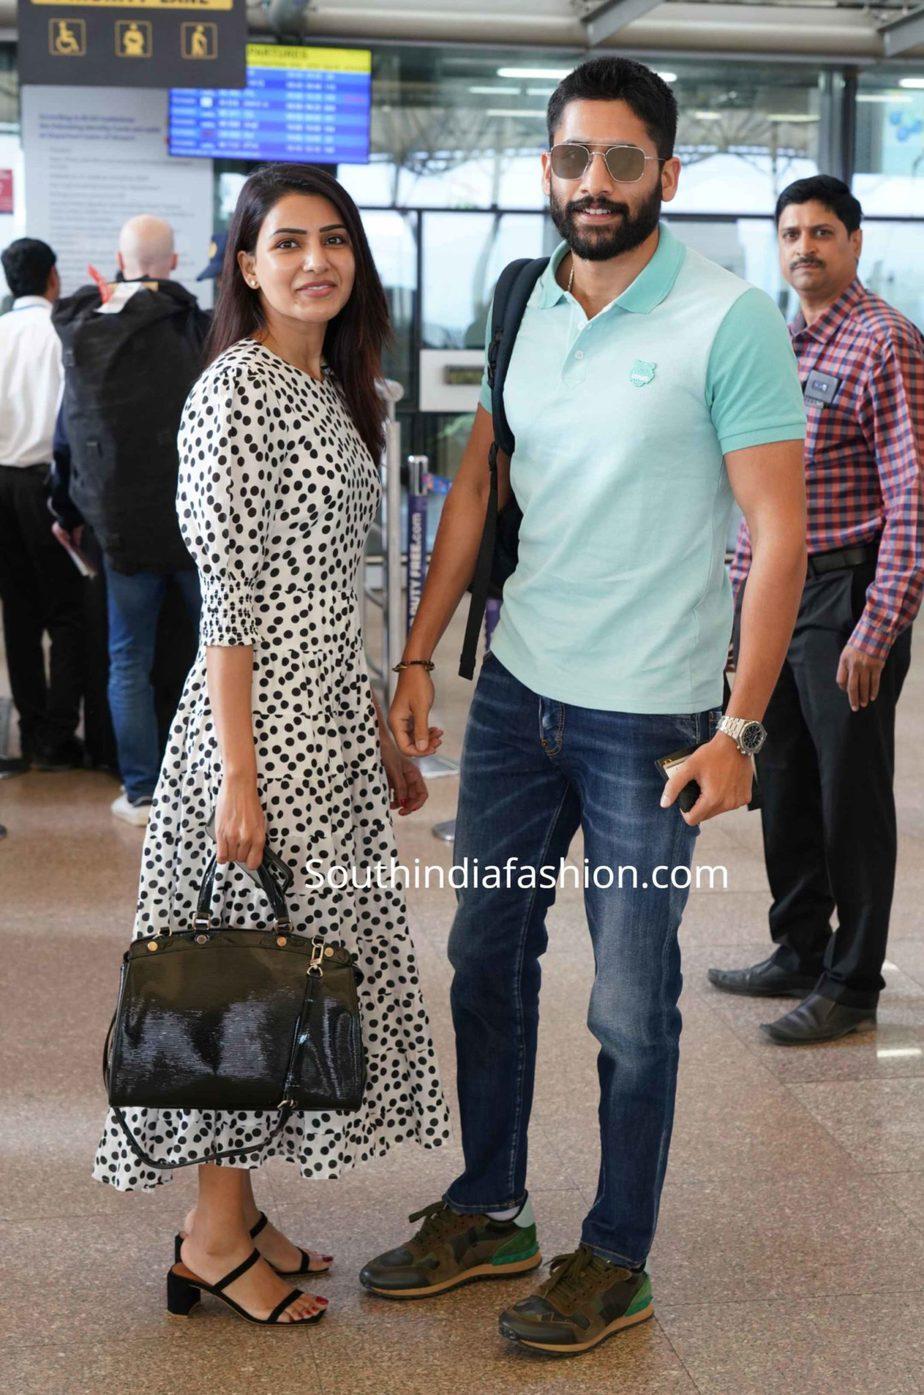 samantha naga chaitanya at airport (2)